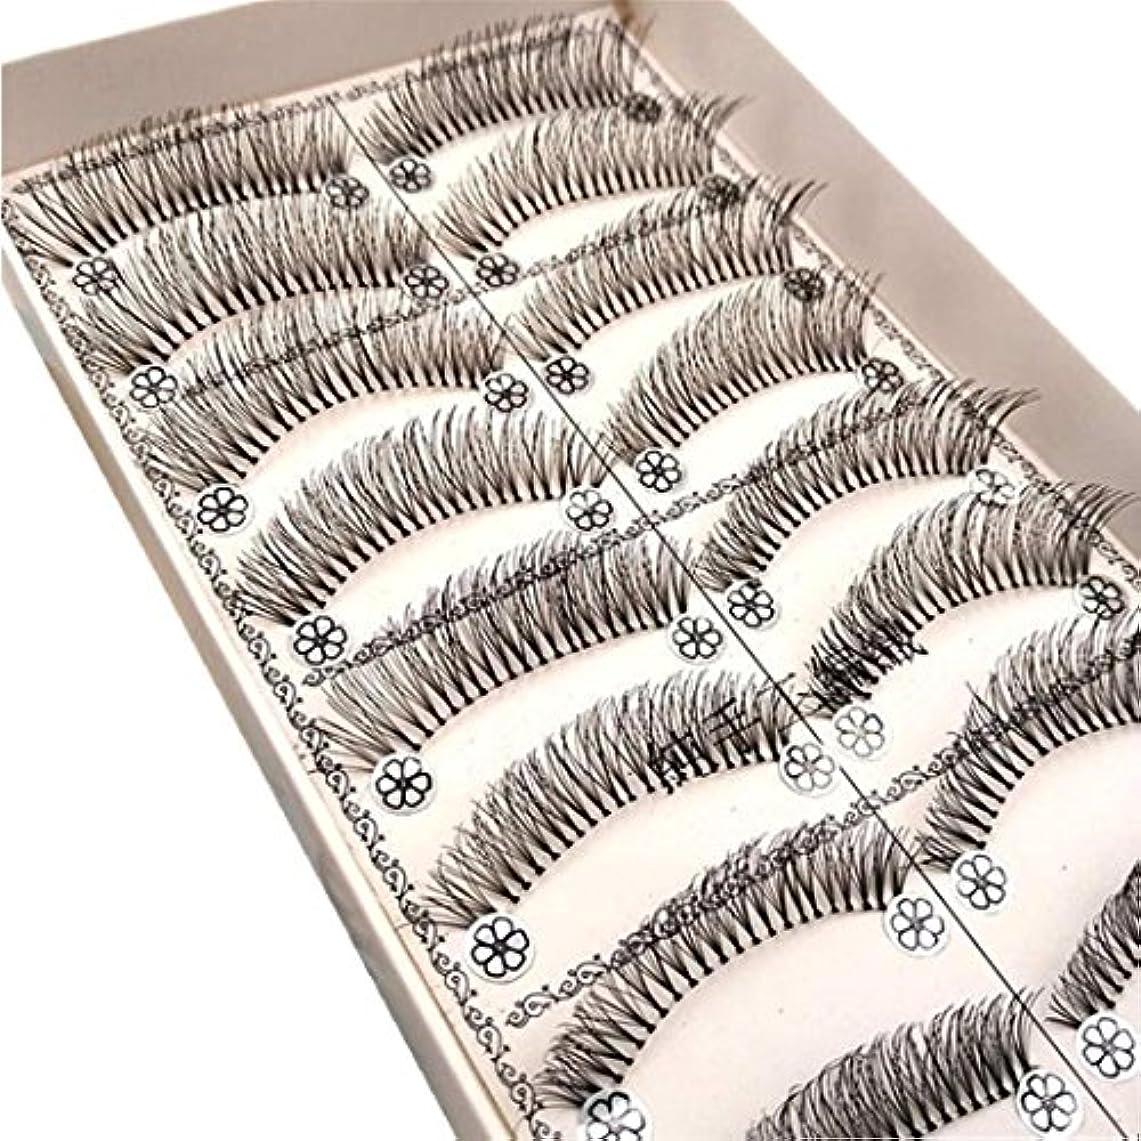 六分儀大きさ薄いですFeteso 10組 偽のまつげセット つけまつげ 上まつげ Eyelashes アイラッシュ ビューティー まつげエクステ レディース 化粧ツール アイメイクアップ 人気 ナチュラル 飾り 再利用可能 濃密 柔らかい